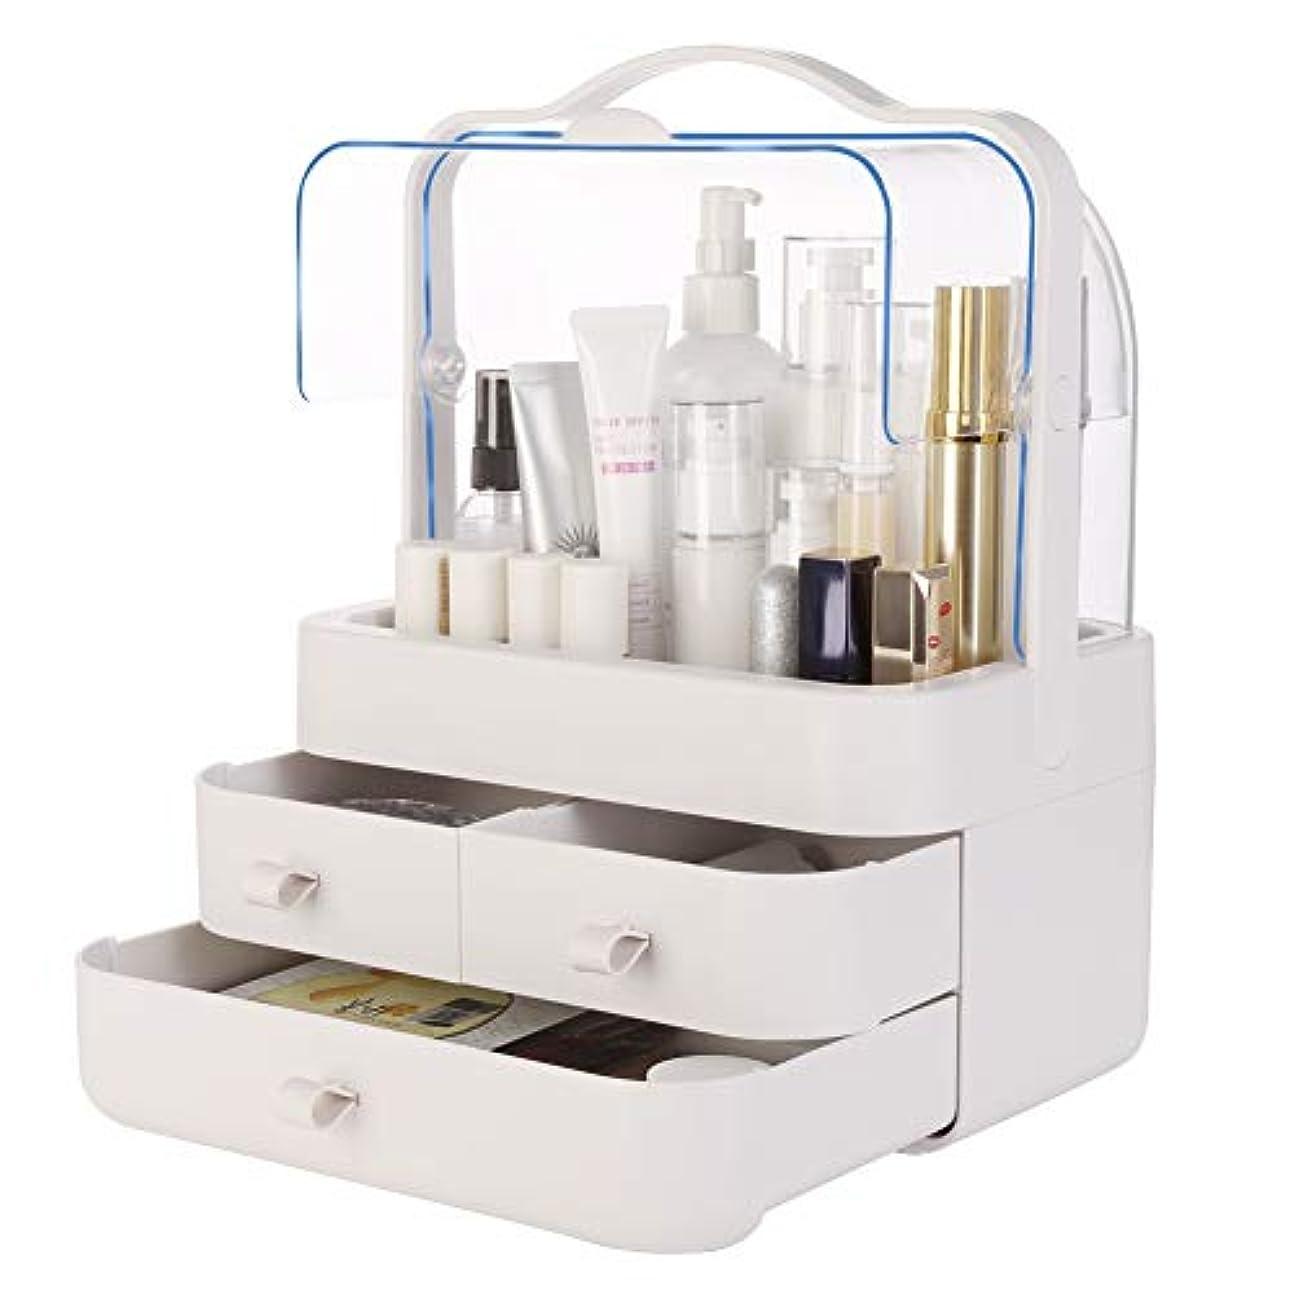 階下教室俳句化粧品収納ボックス VICOODA メイクケース 防塵 防水 大容量 透明カバー開閉 ABS+PP 引き出し付 持ち運び取っ手付き 小物/化粧品入れ